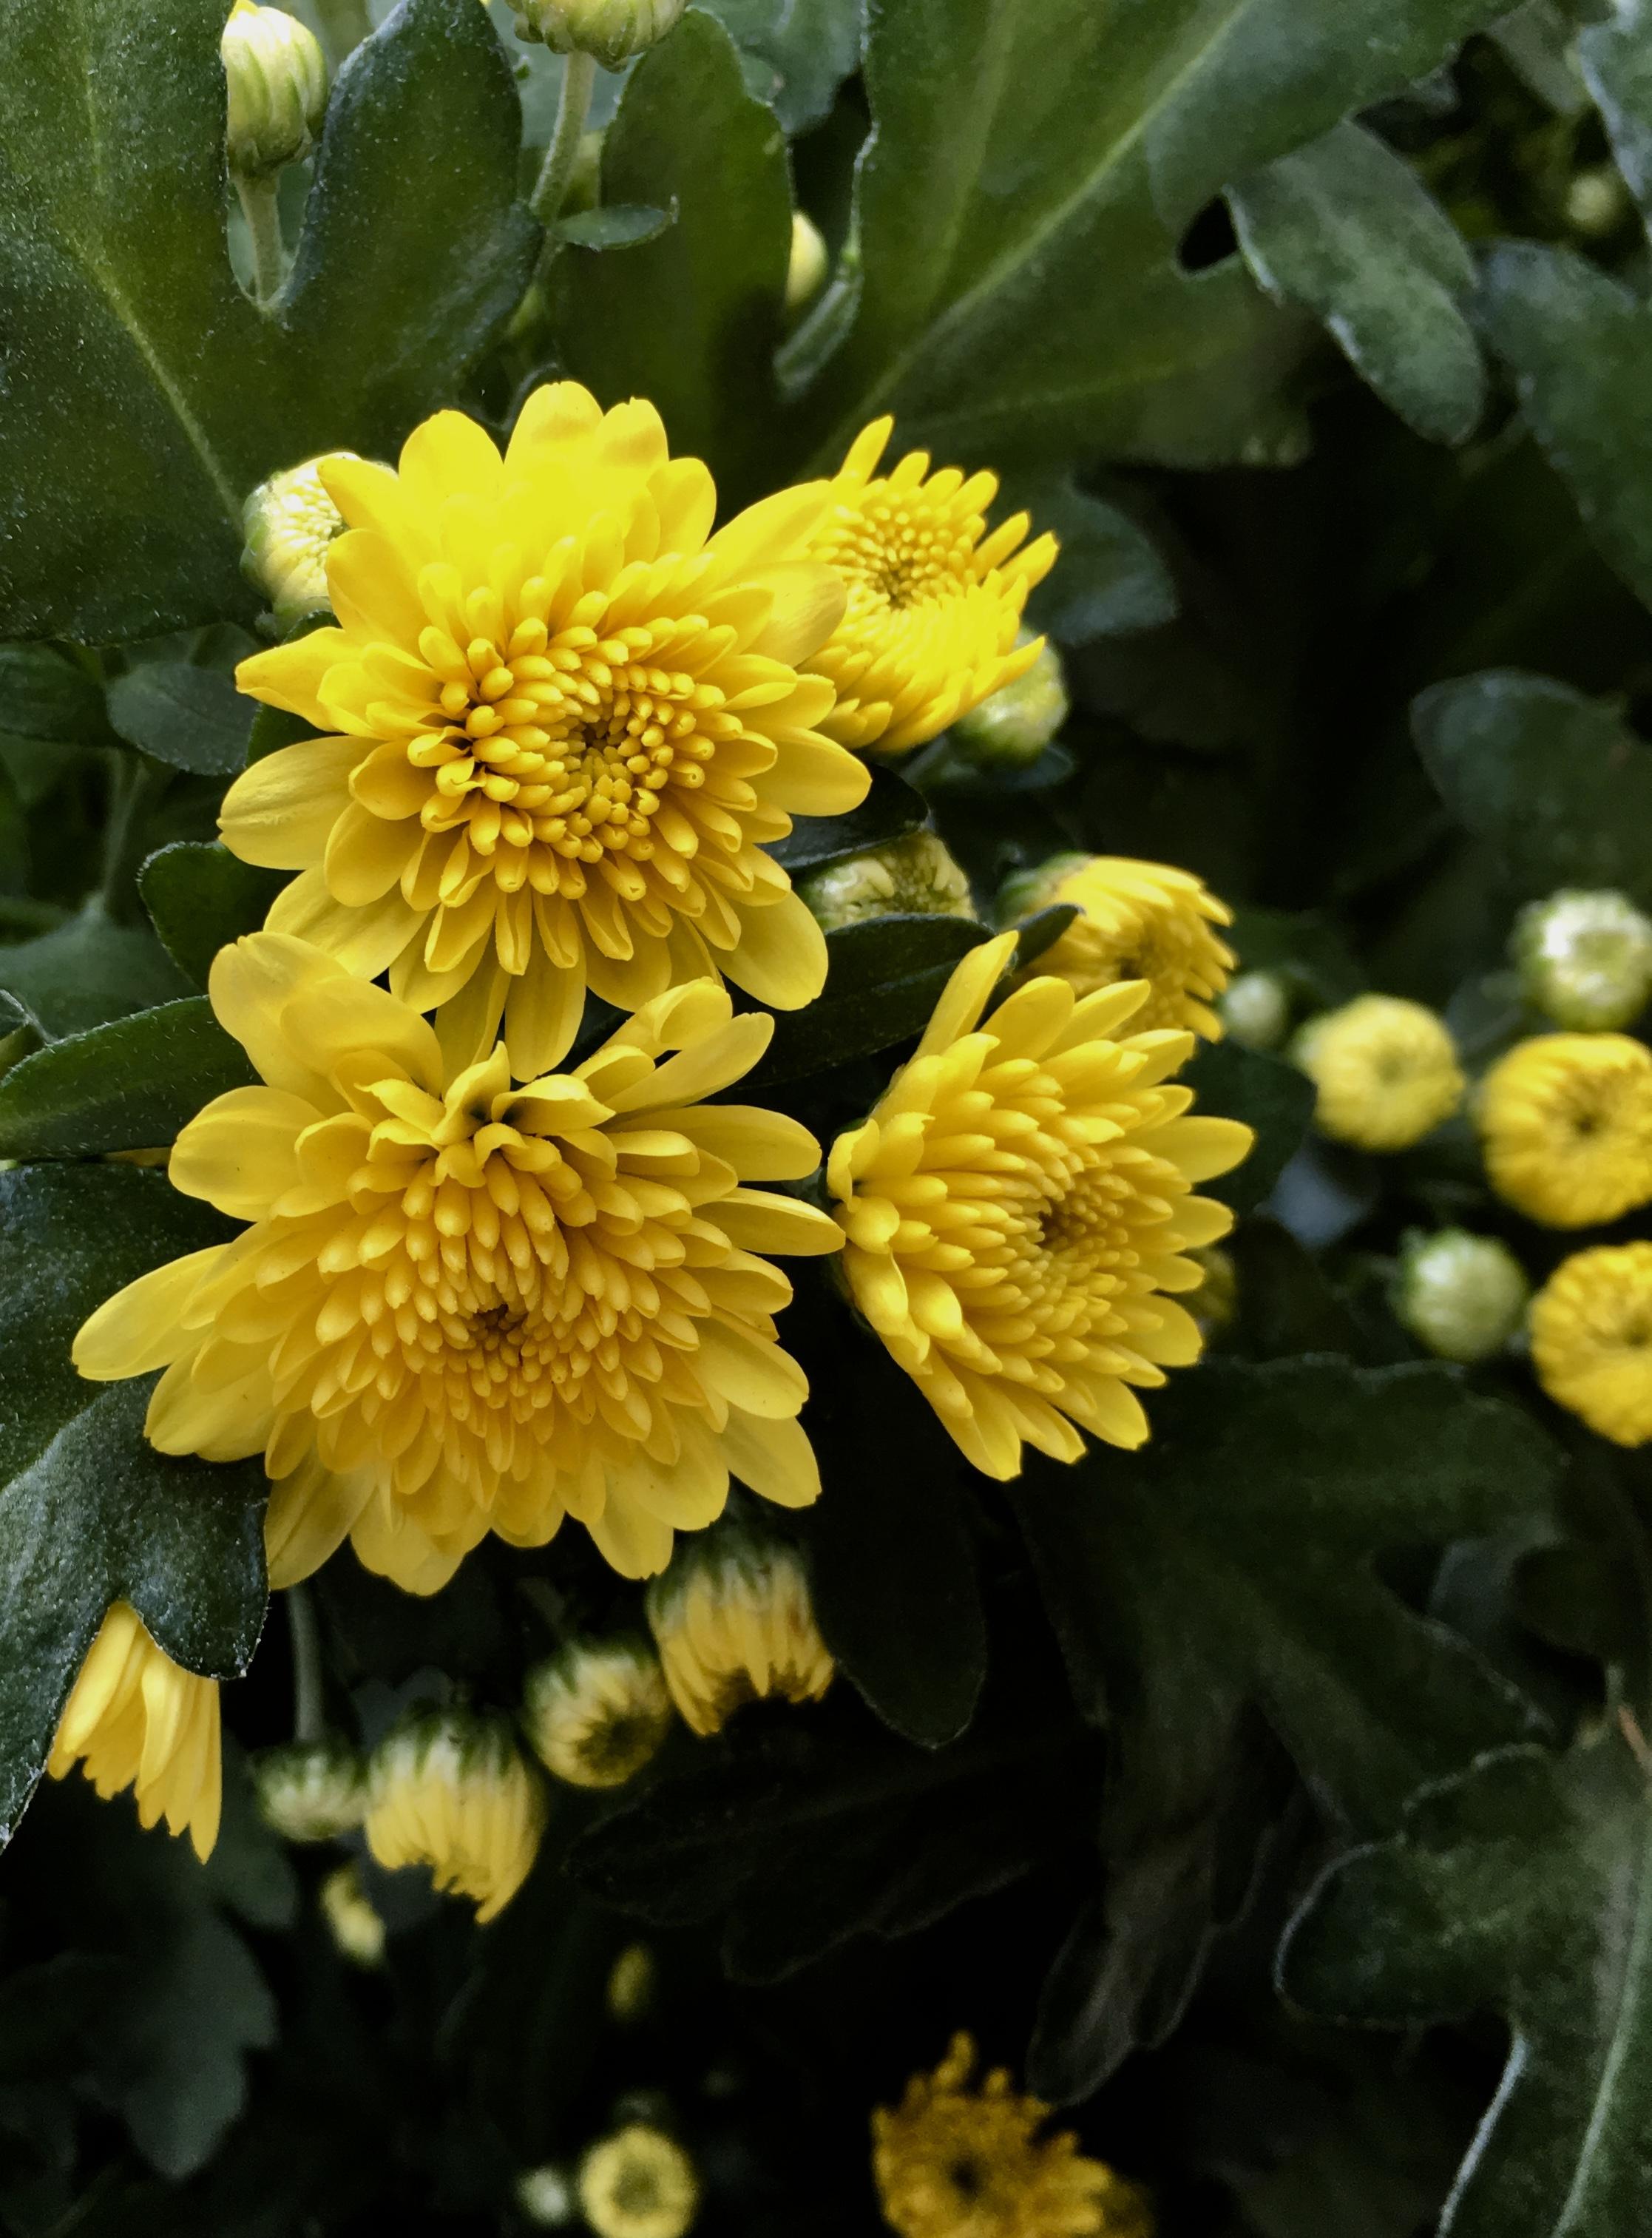 Yellow Chrysanthemum by Jez Braithwaite